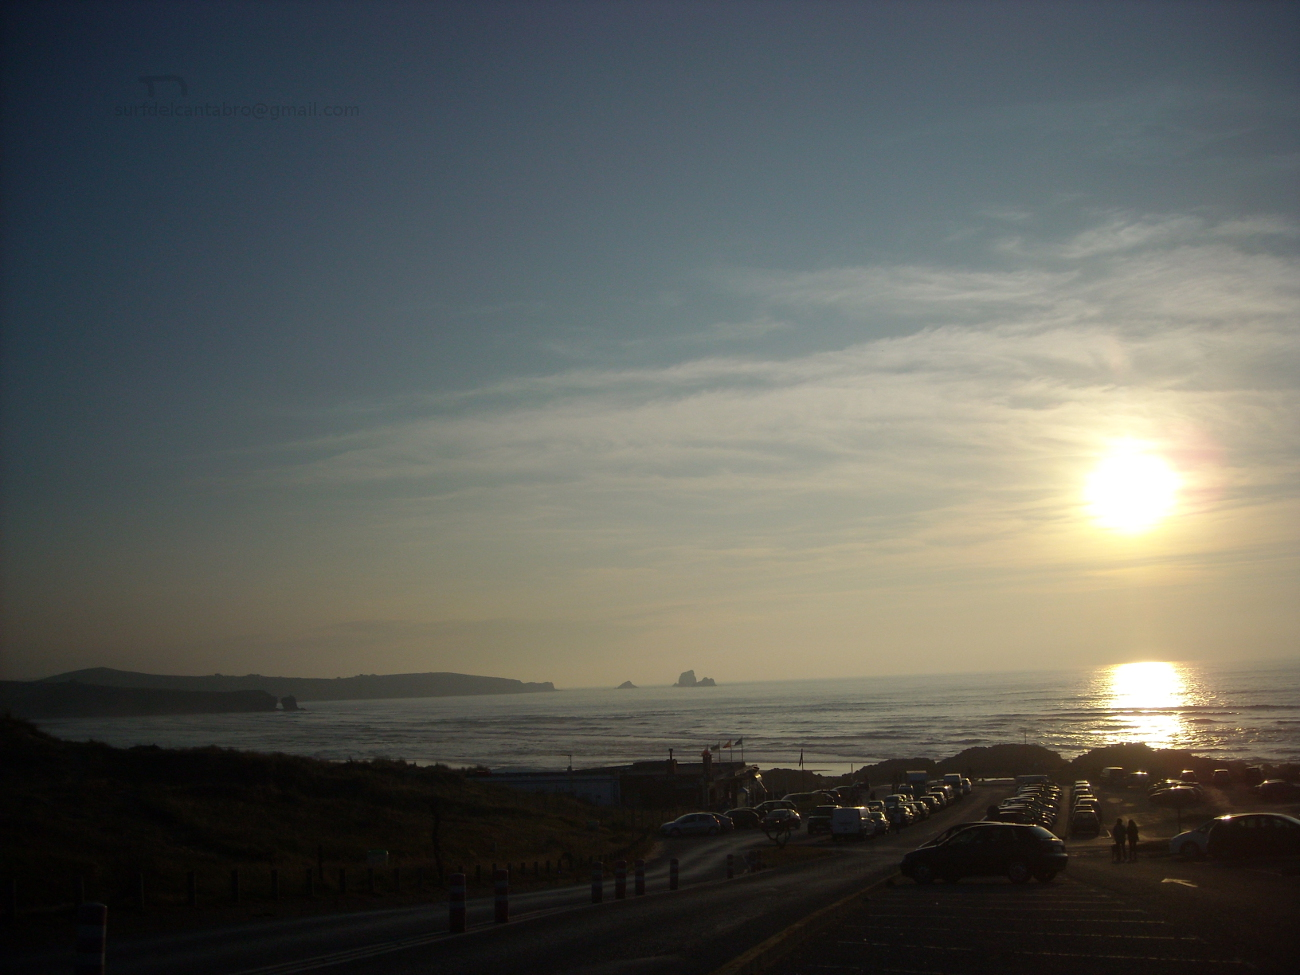 Valderaneas Beach